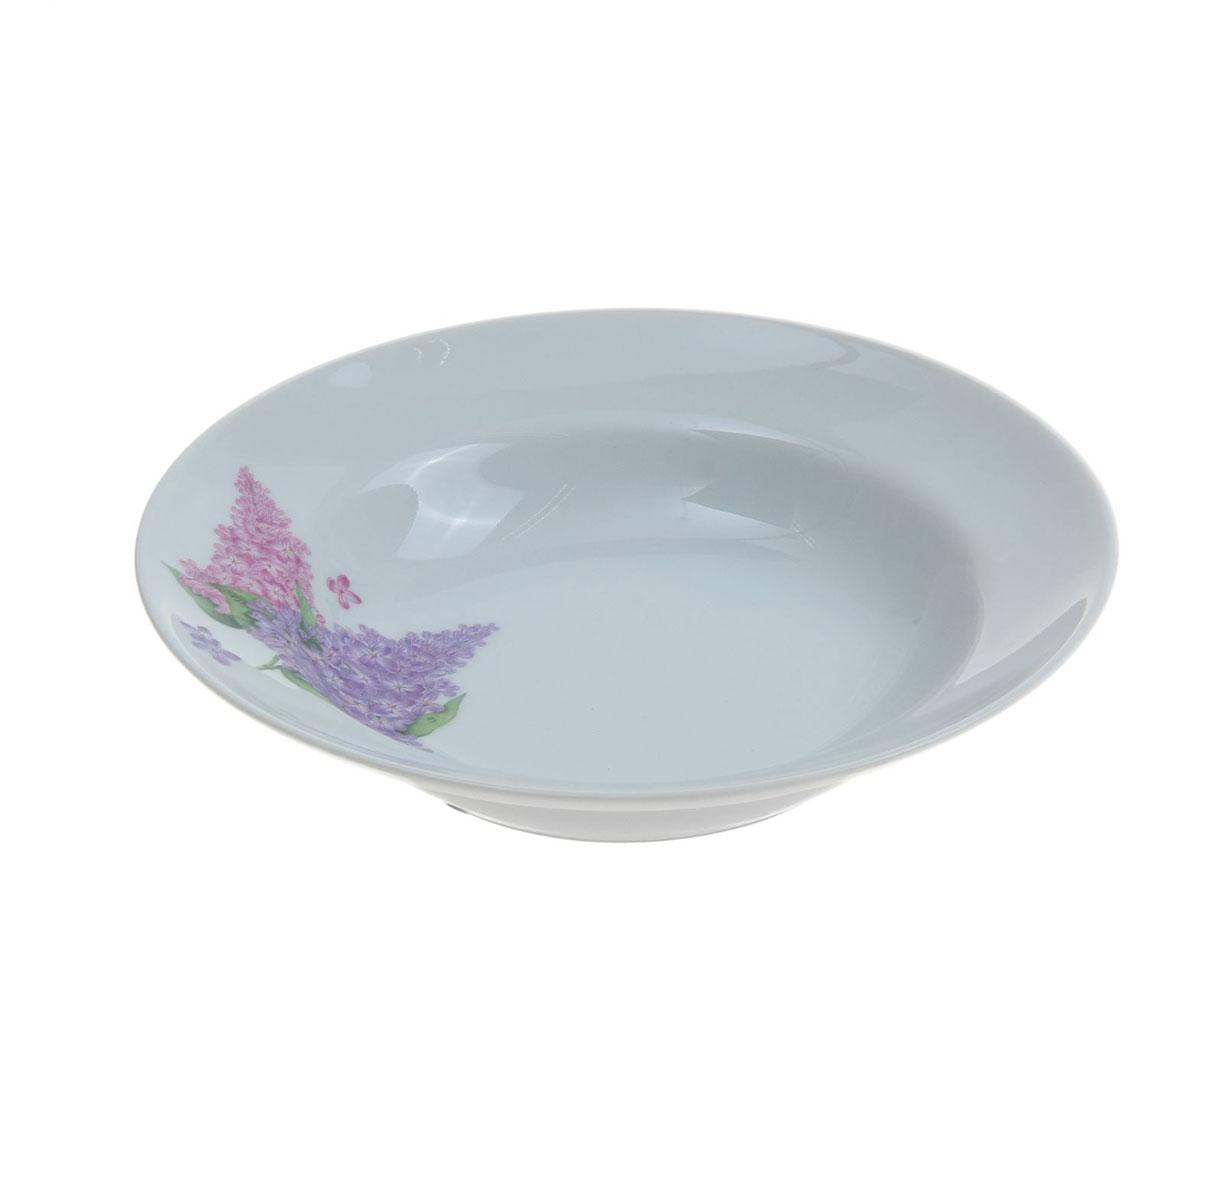 """Глубокая тарелка """"Идиллия. Сирень"""", выполненная из высококачественного фарфора, идеальна для сервировки стола первыми блюдами. Она прекрасно впишется в интерьер вашей кухни и станет достойным дополнением к кухонному инвентарю.  Тарелка """"Идиллия. Сирень"""" подчеркнет прекрасный вкус хозяйки и станет отличным подарком.   Диаметр тарелки: 20 см."""